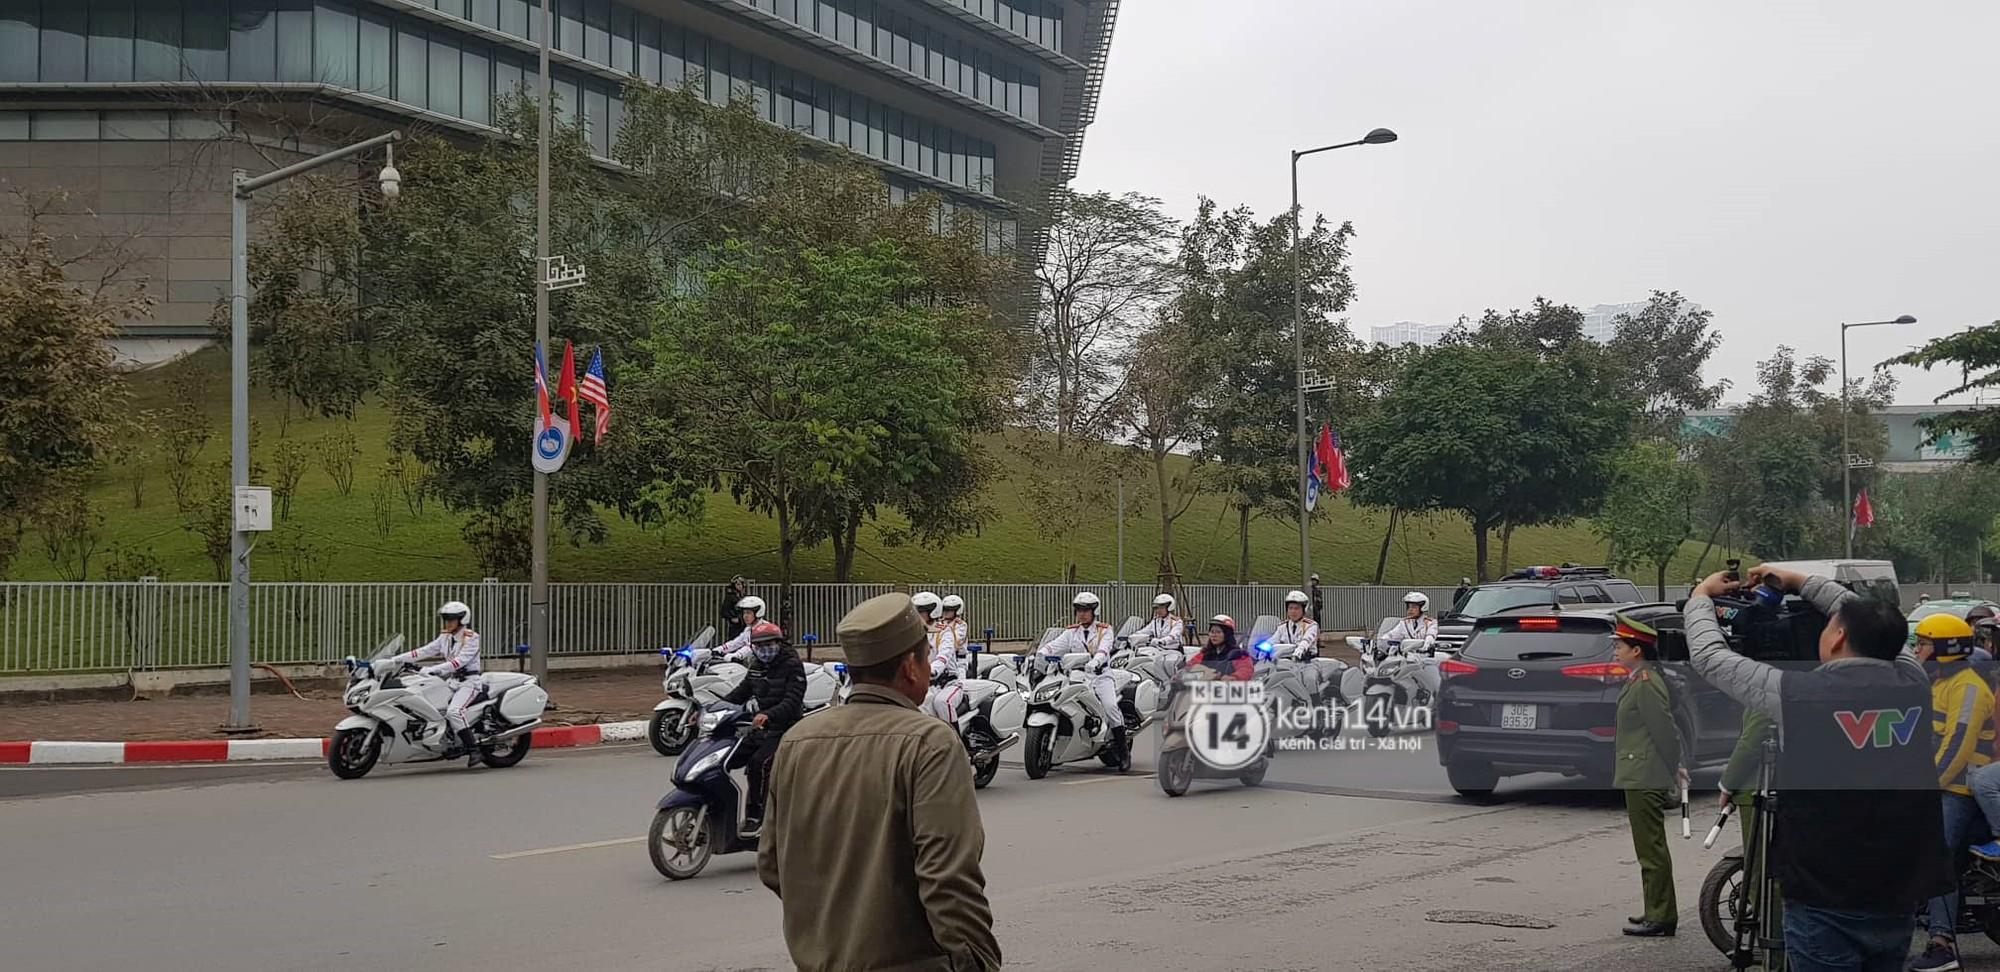 An ninh tại khách sạn Marriott được thắt chặt, TT Trump chuẩn bị lên đường gặp gỡ Tổng bí thư, Chủ tịch nước Nguyễn Phú Trọng - Ảnh 4.